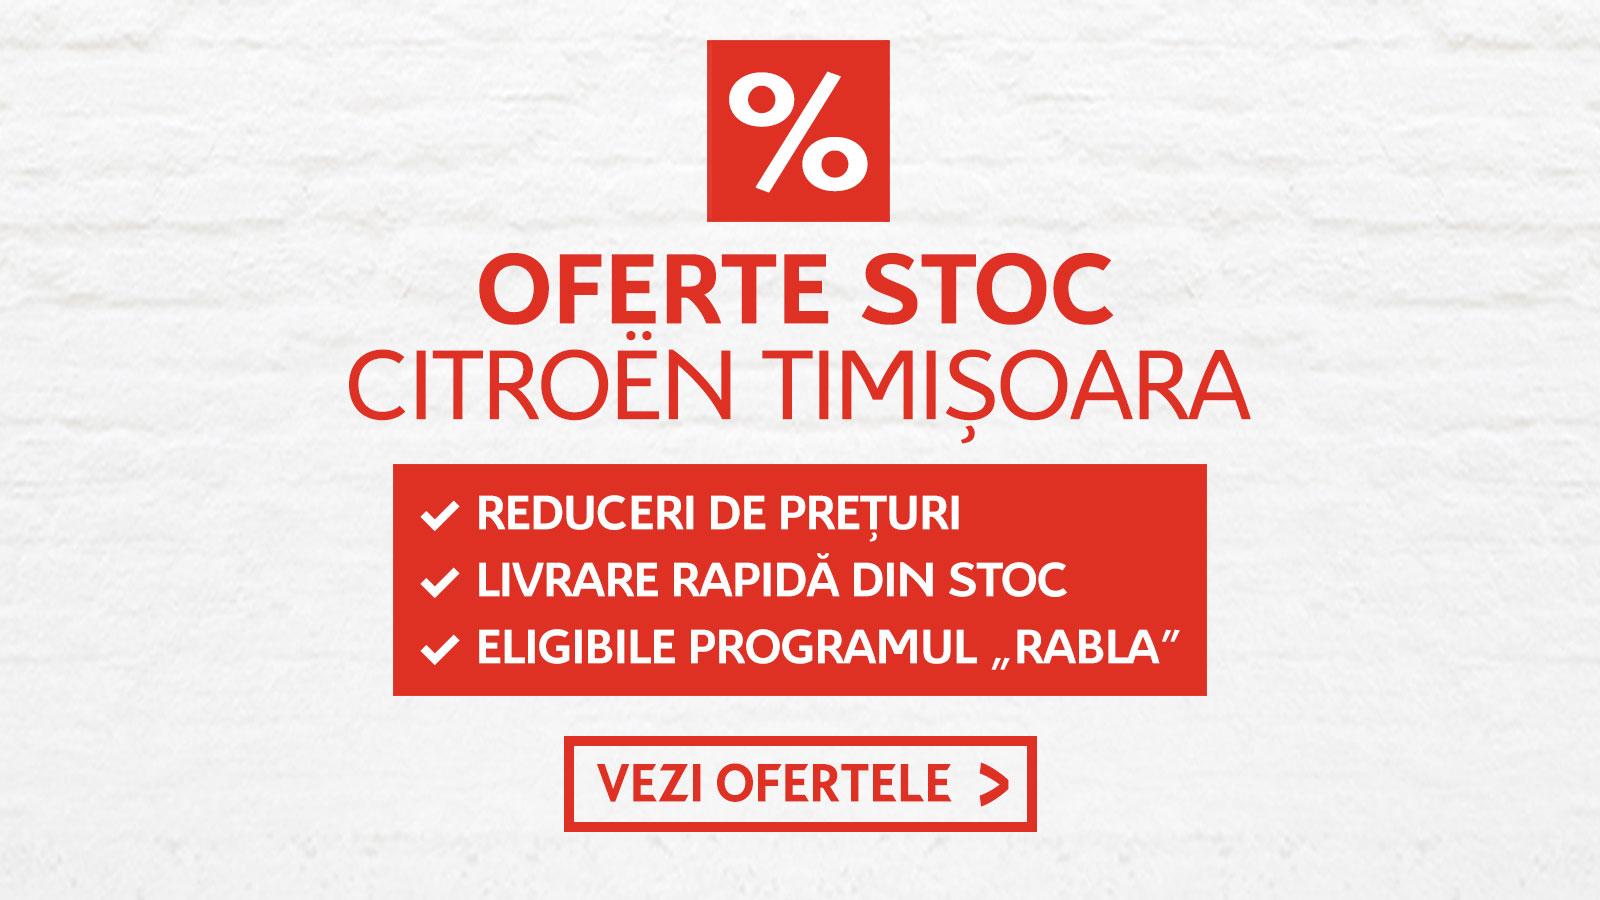 Oferte stoc Citroen Timisoara